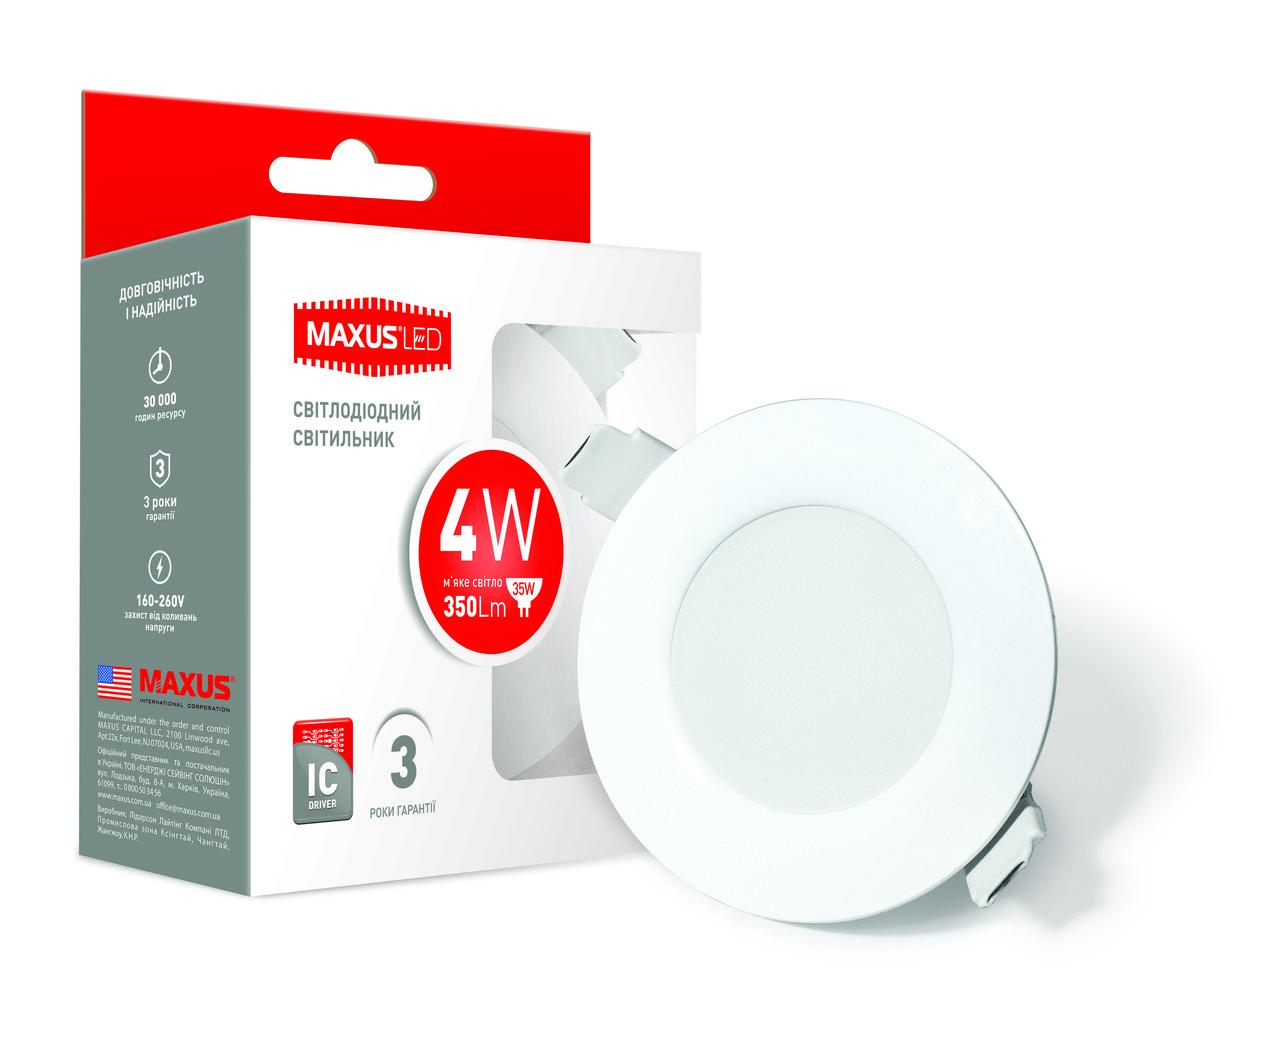 Точечный LED светильник Maxus SDL 4W 4100K